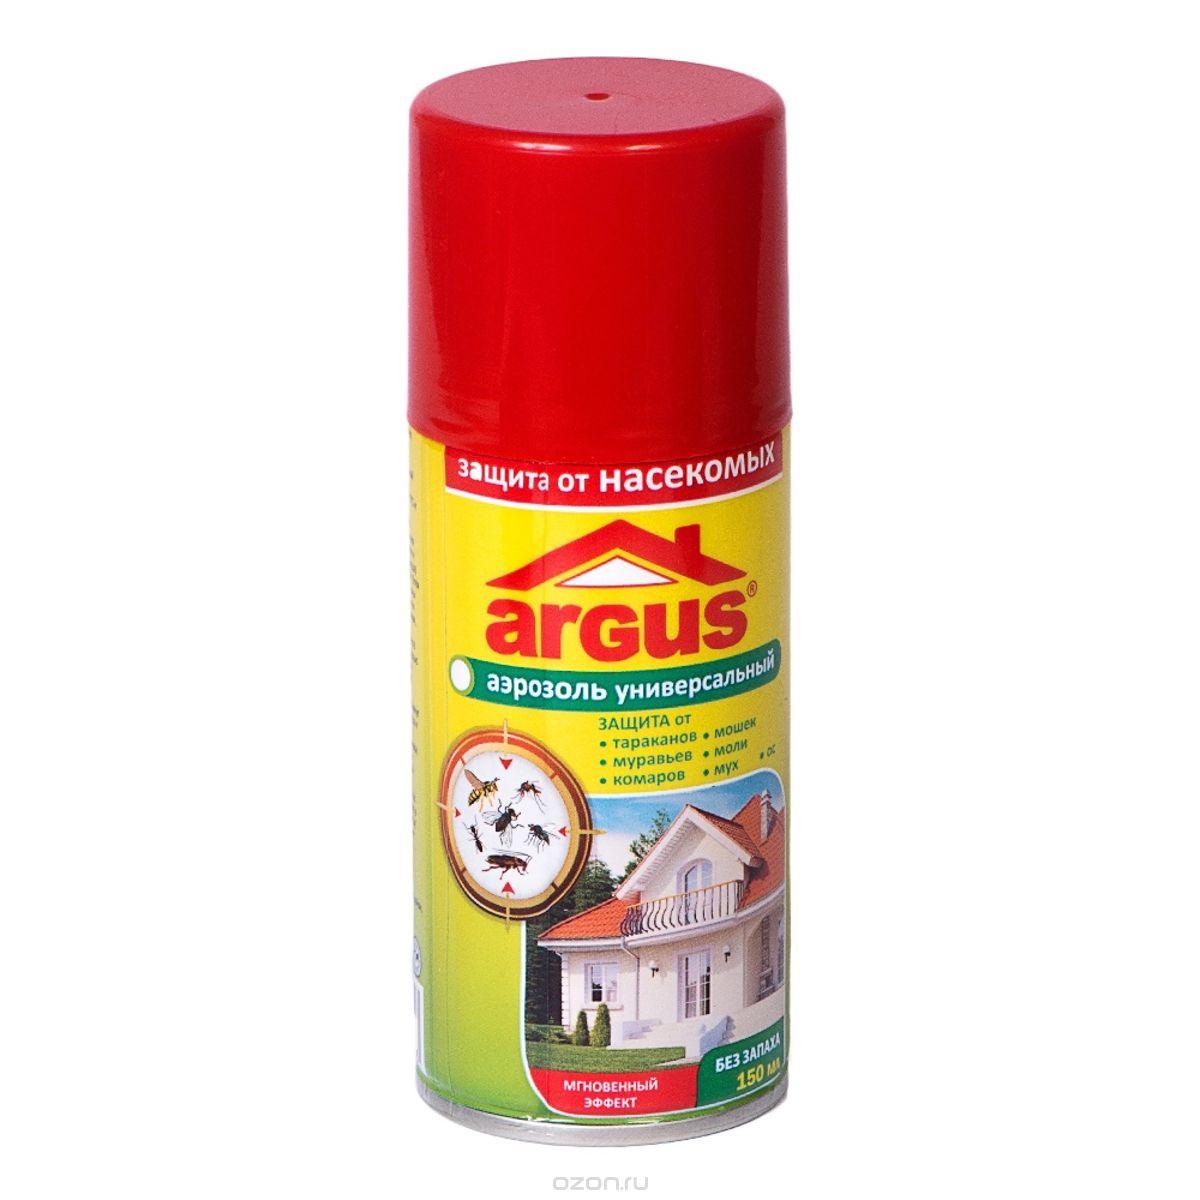 Аэрозоль от кровососущих насекомых Argus, 150 мл741748Универсальный аэрозоль Argus используется для защиты от кровососущих насекомых (комаров, клещей, мокрецов, москитов, мошек) при обработке одежды, занавесей, противомоскитных сеток и другого снаряжения из ткани. Товар сертифицирован.